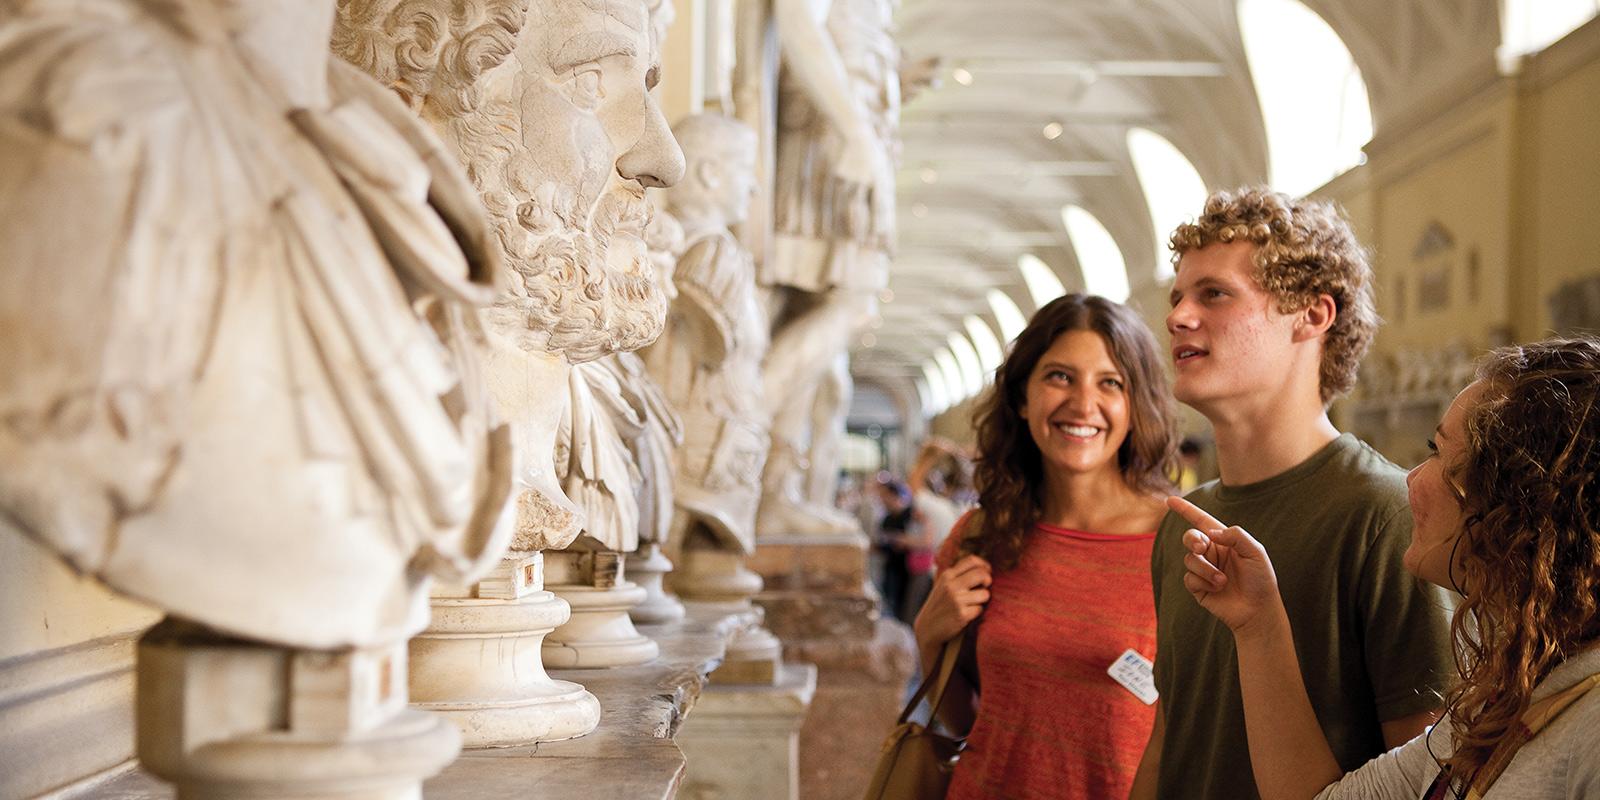 چالش های پیش رو برای تحصیل رشته هنر در ایتالیا